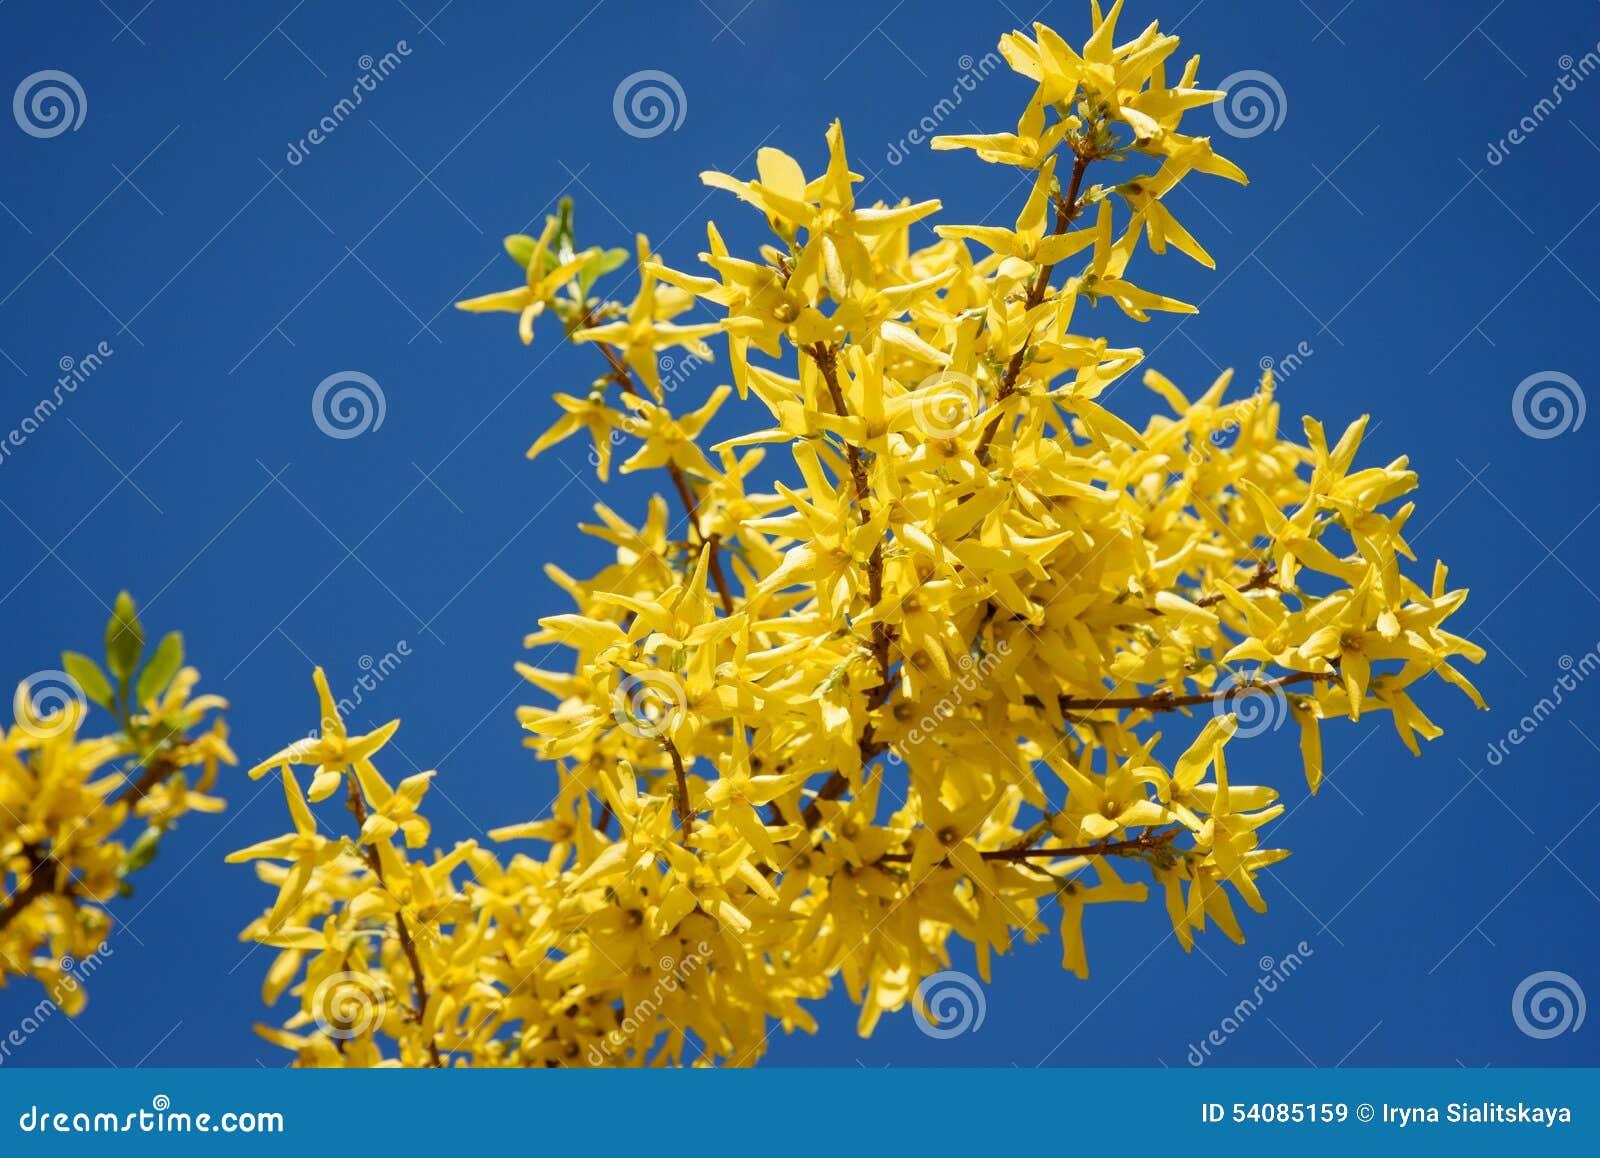 Gele bloemen van forsythia tegen de blauwe hemel